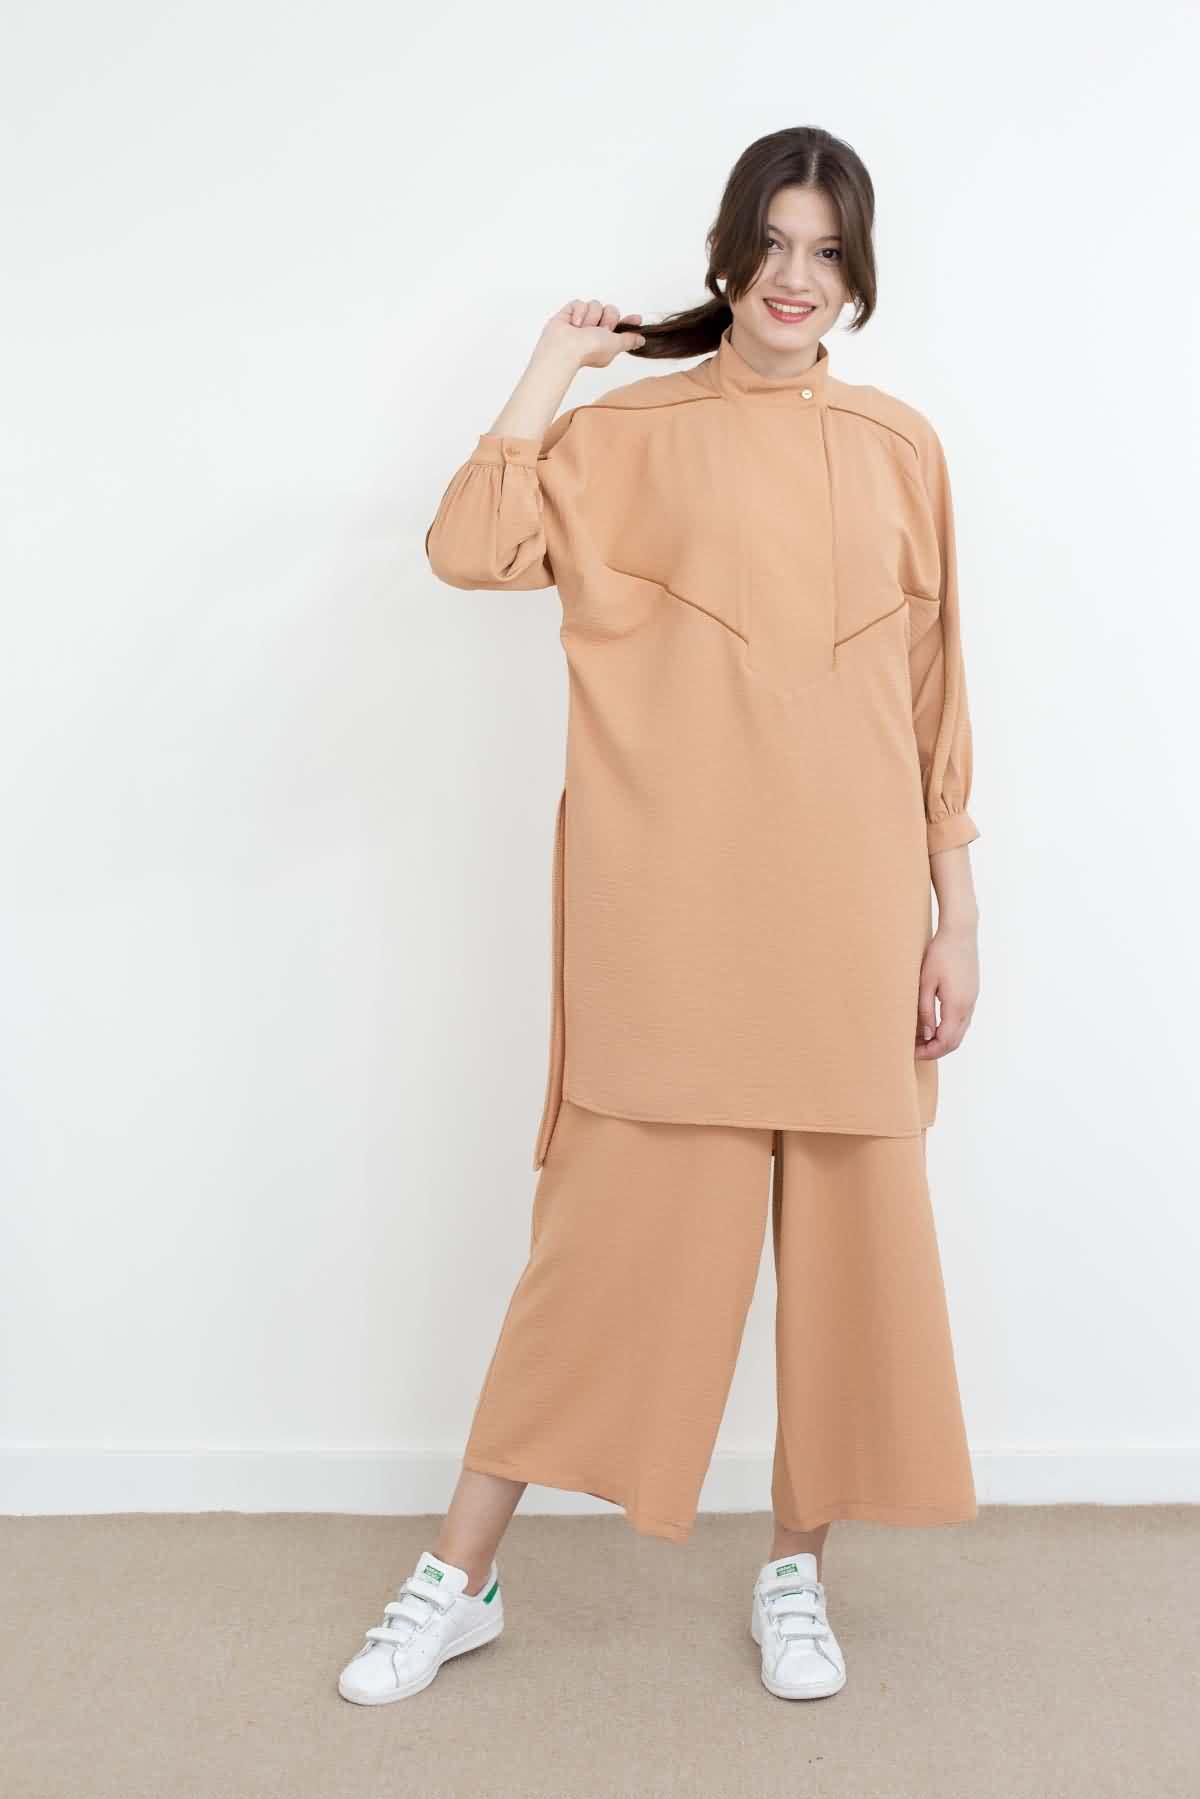 Mevra - Pat Detay Biyeli Tunik Somon